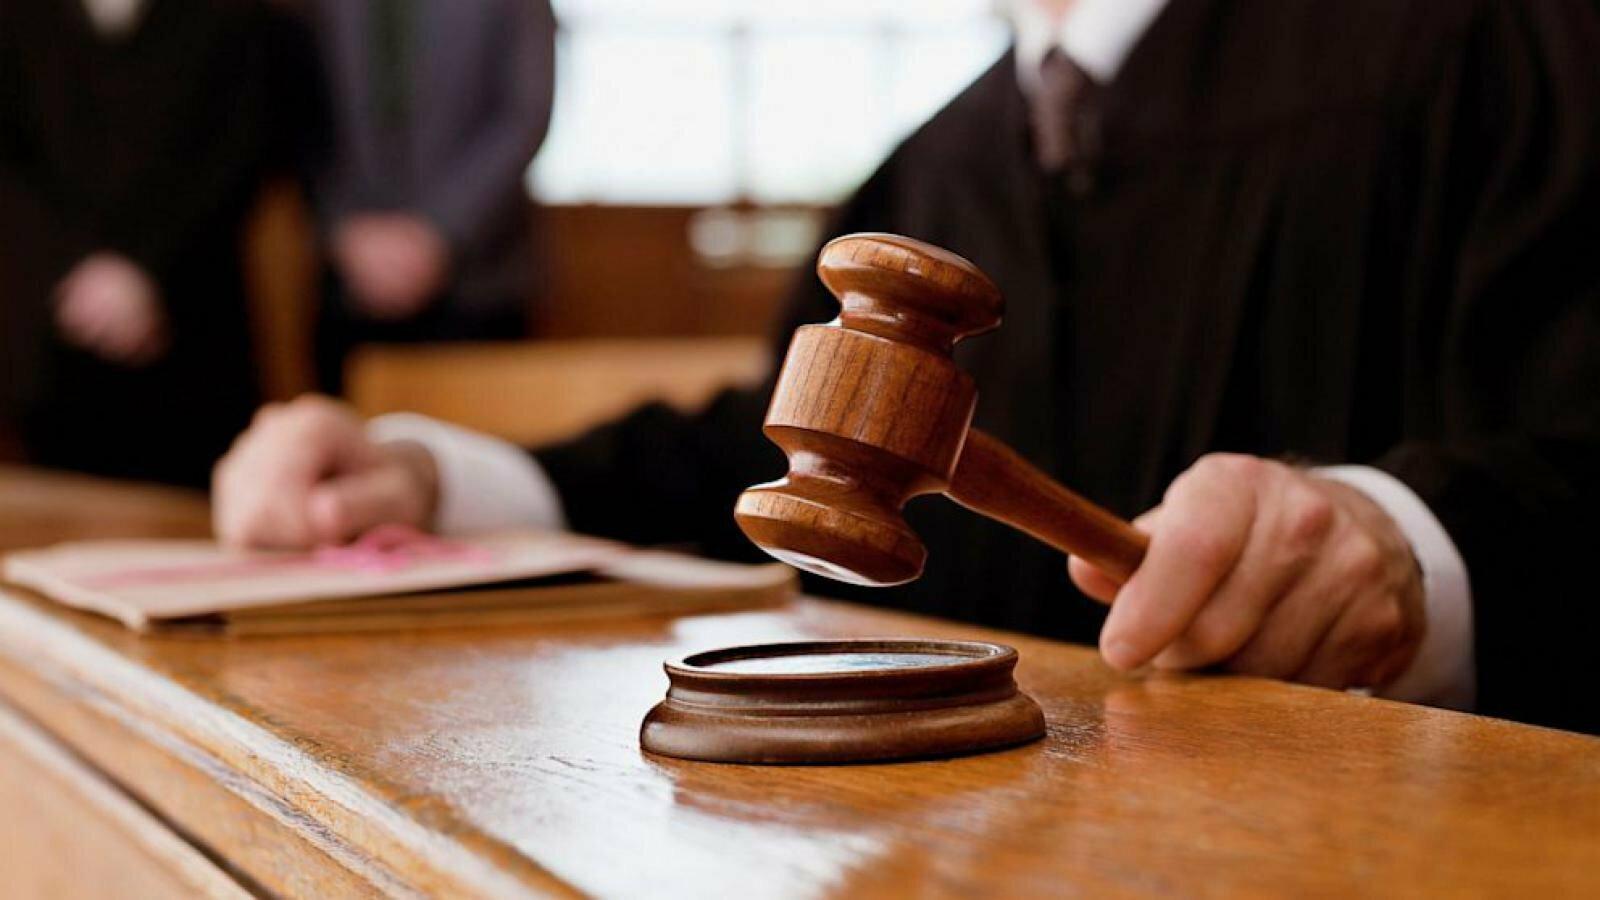 ВС пояснил, что свидетельствует о наличии корыстного мотива в незаконном лишении свободы лица и в грабеже